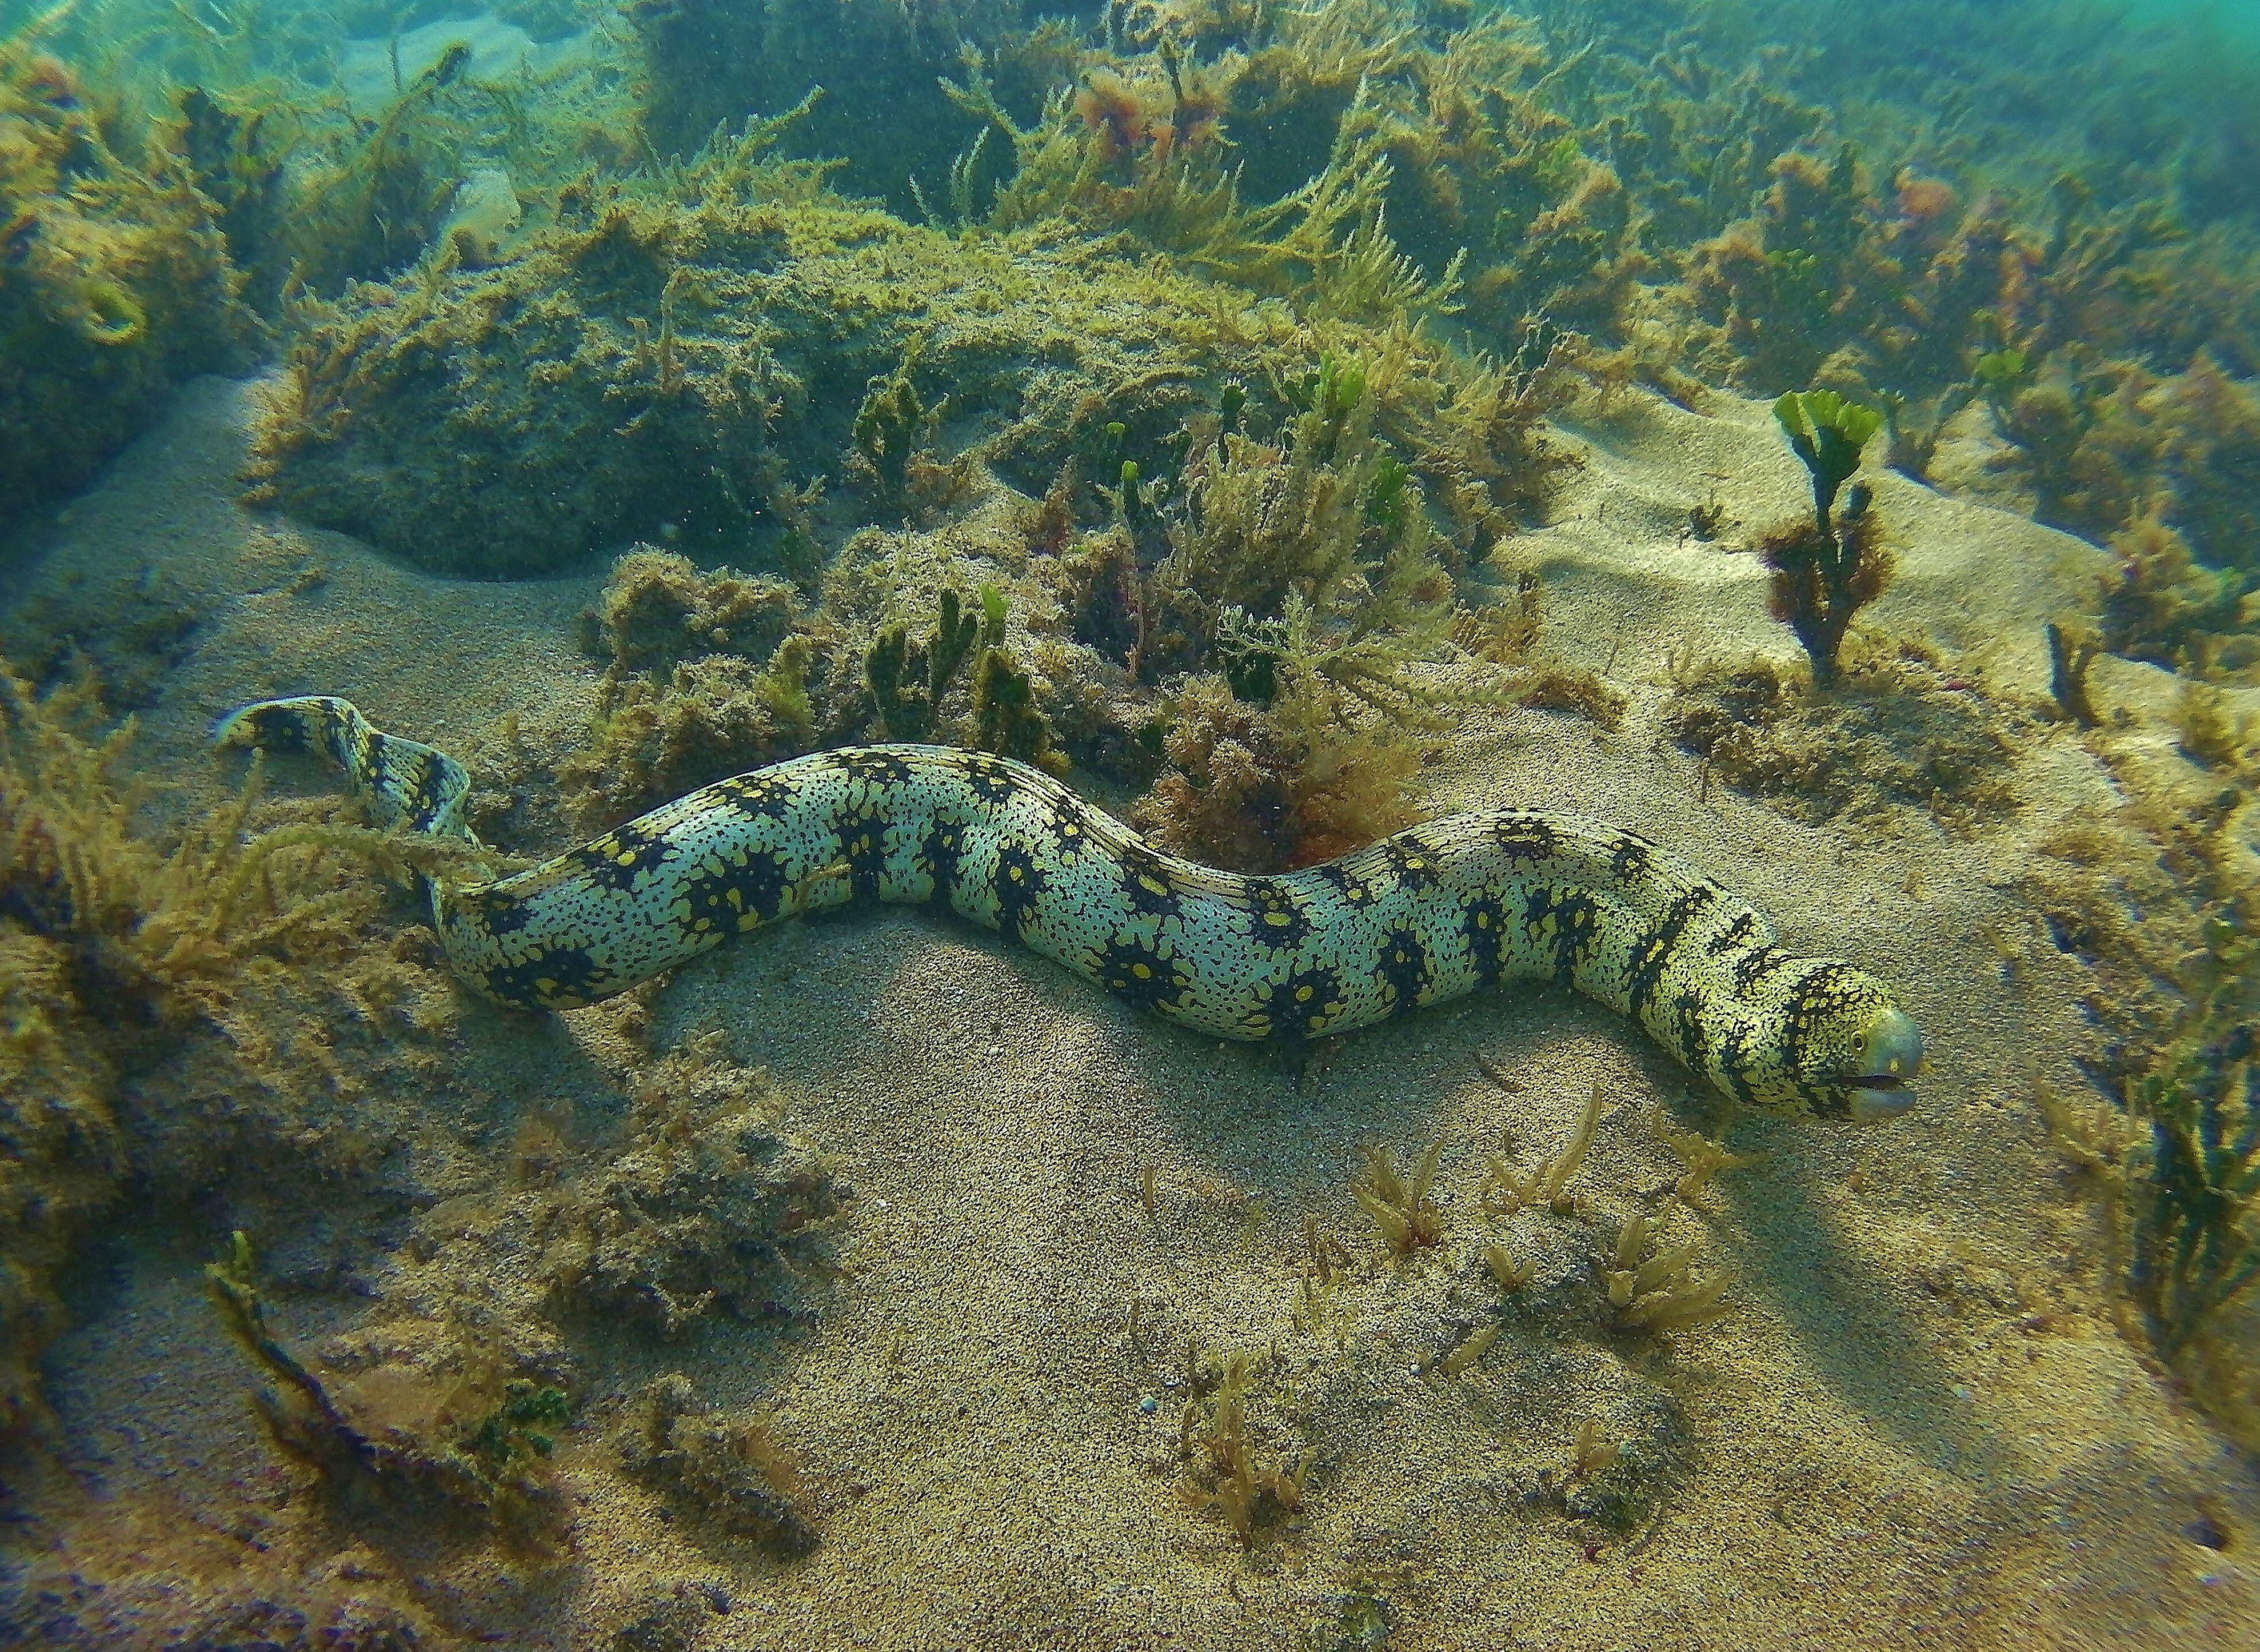 Snowflake Moray Eel In Maui Moray Eel Marine Life Life Aquatic